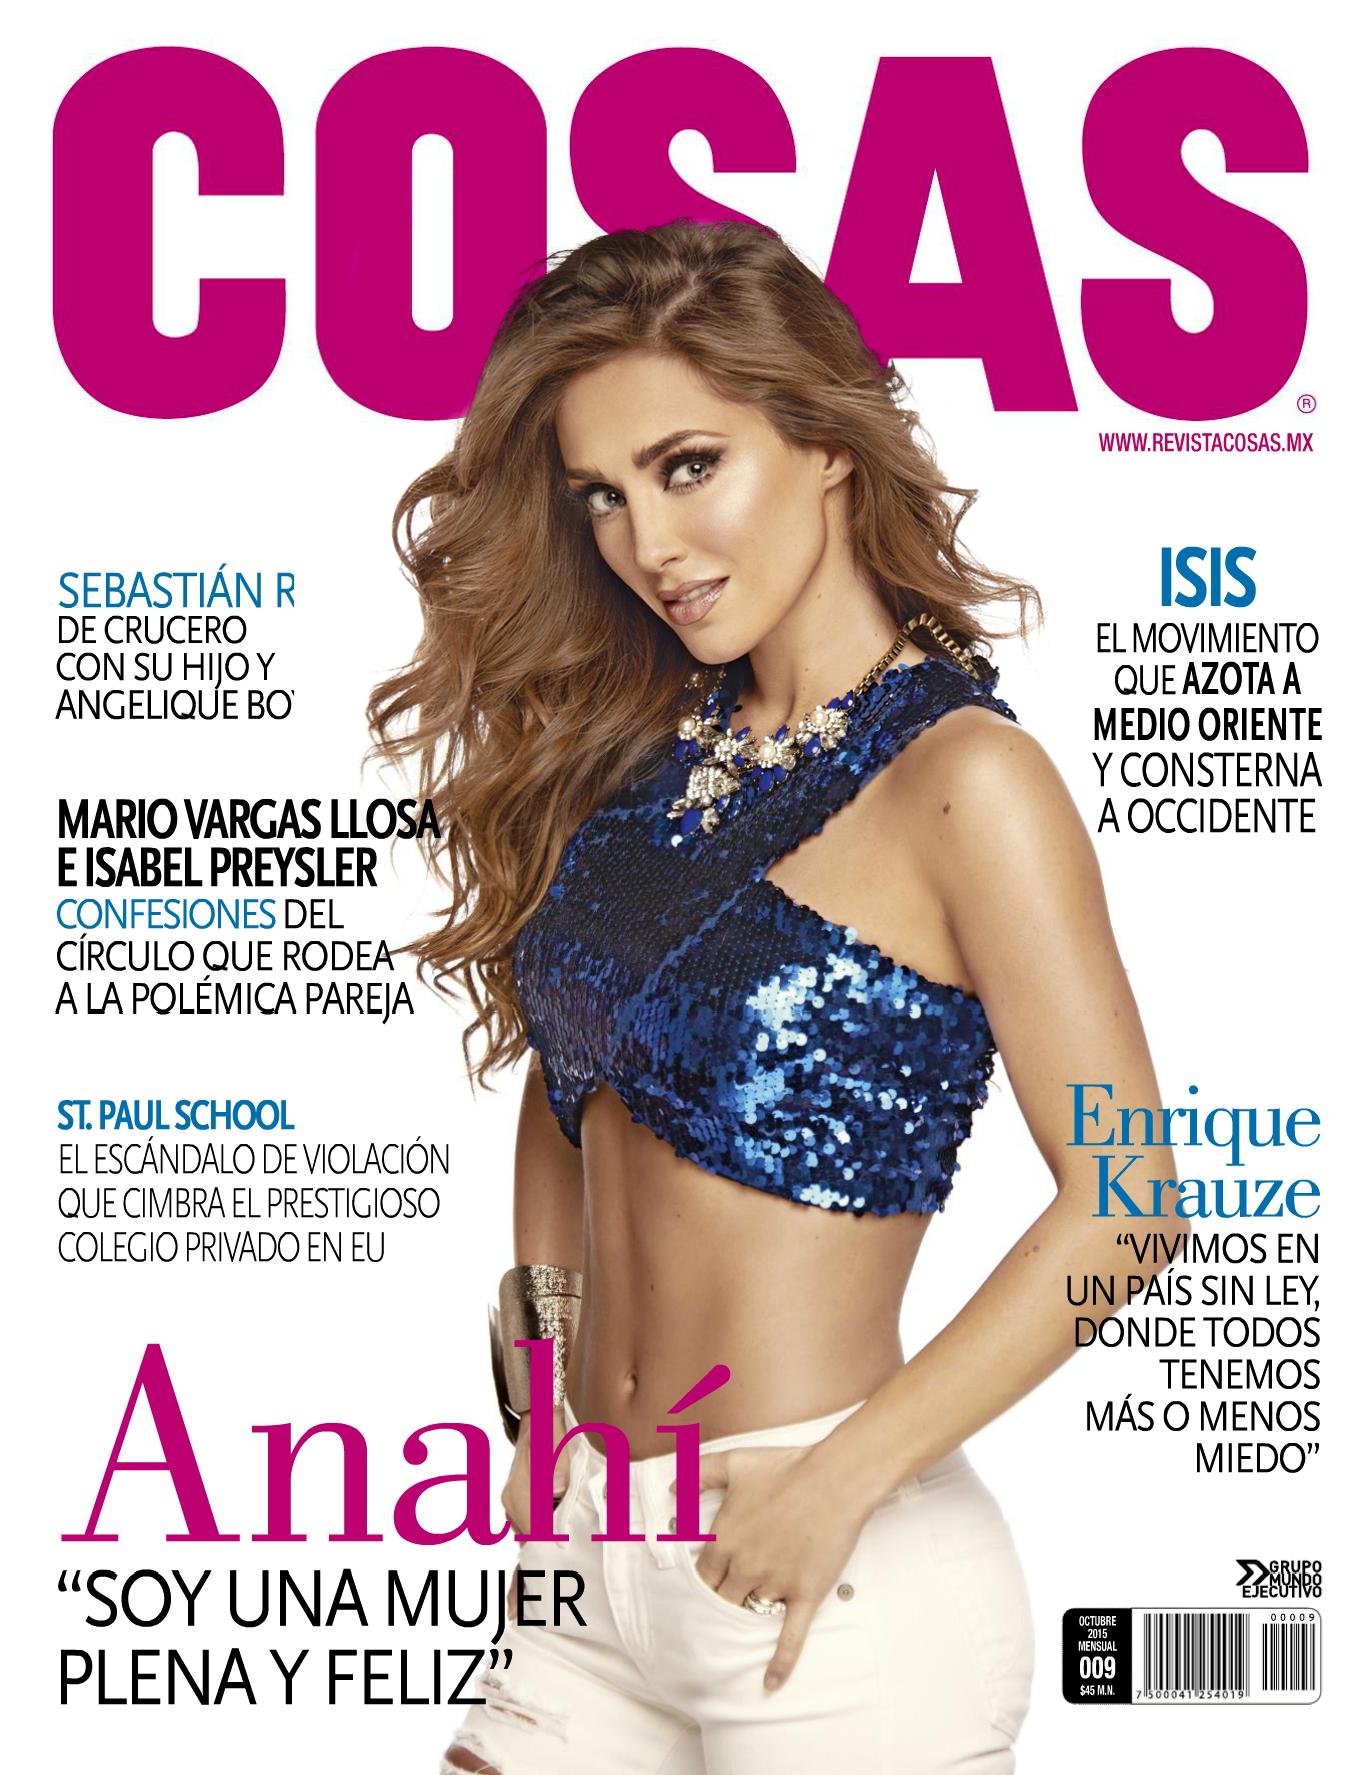 Anahí estampa capa da nova edição da revista Cosas | POPline